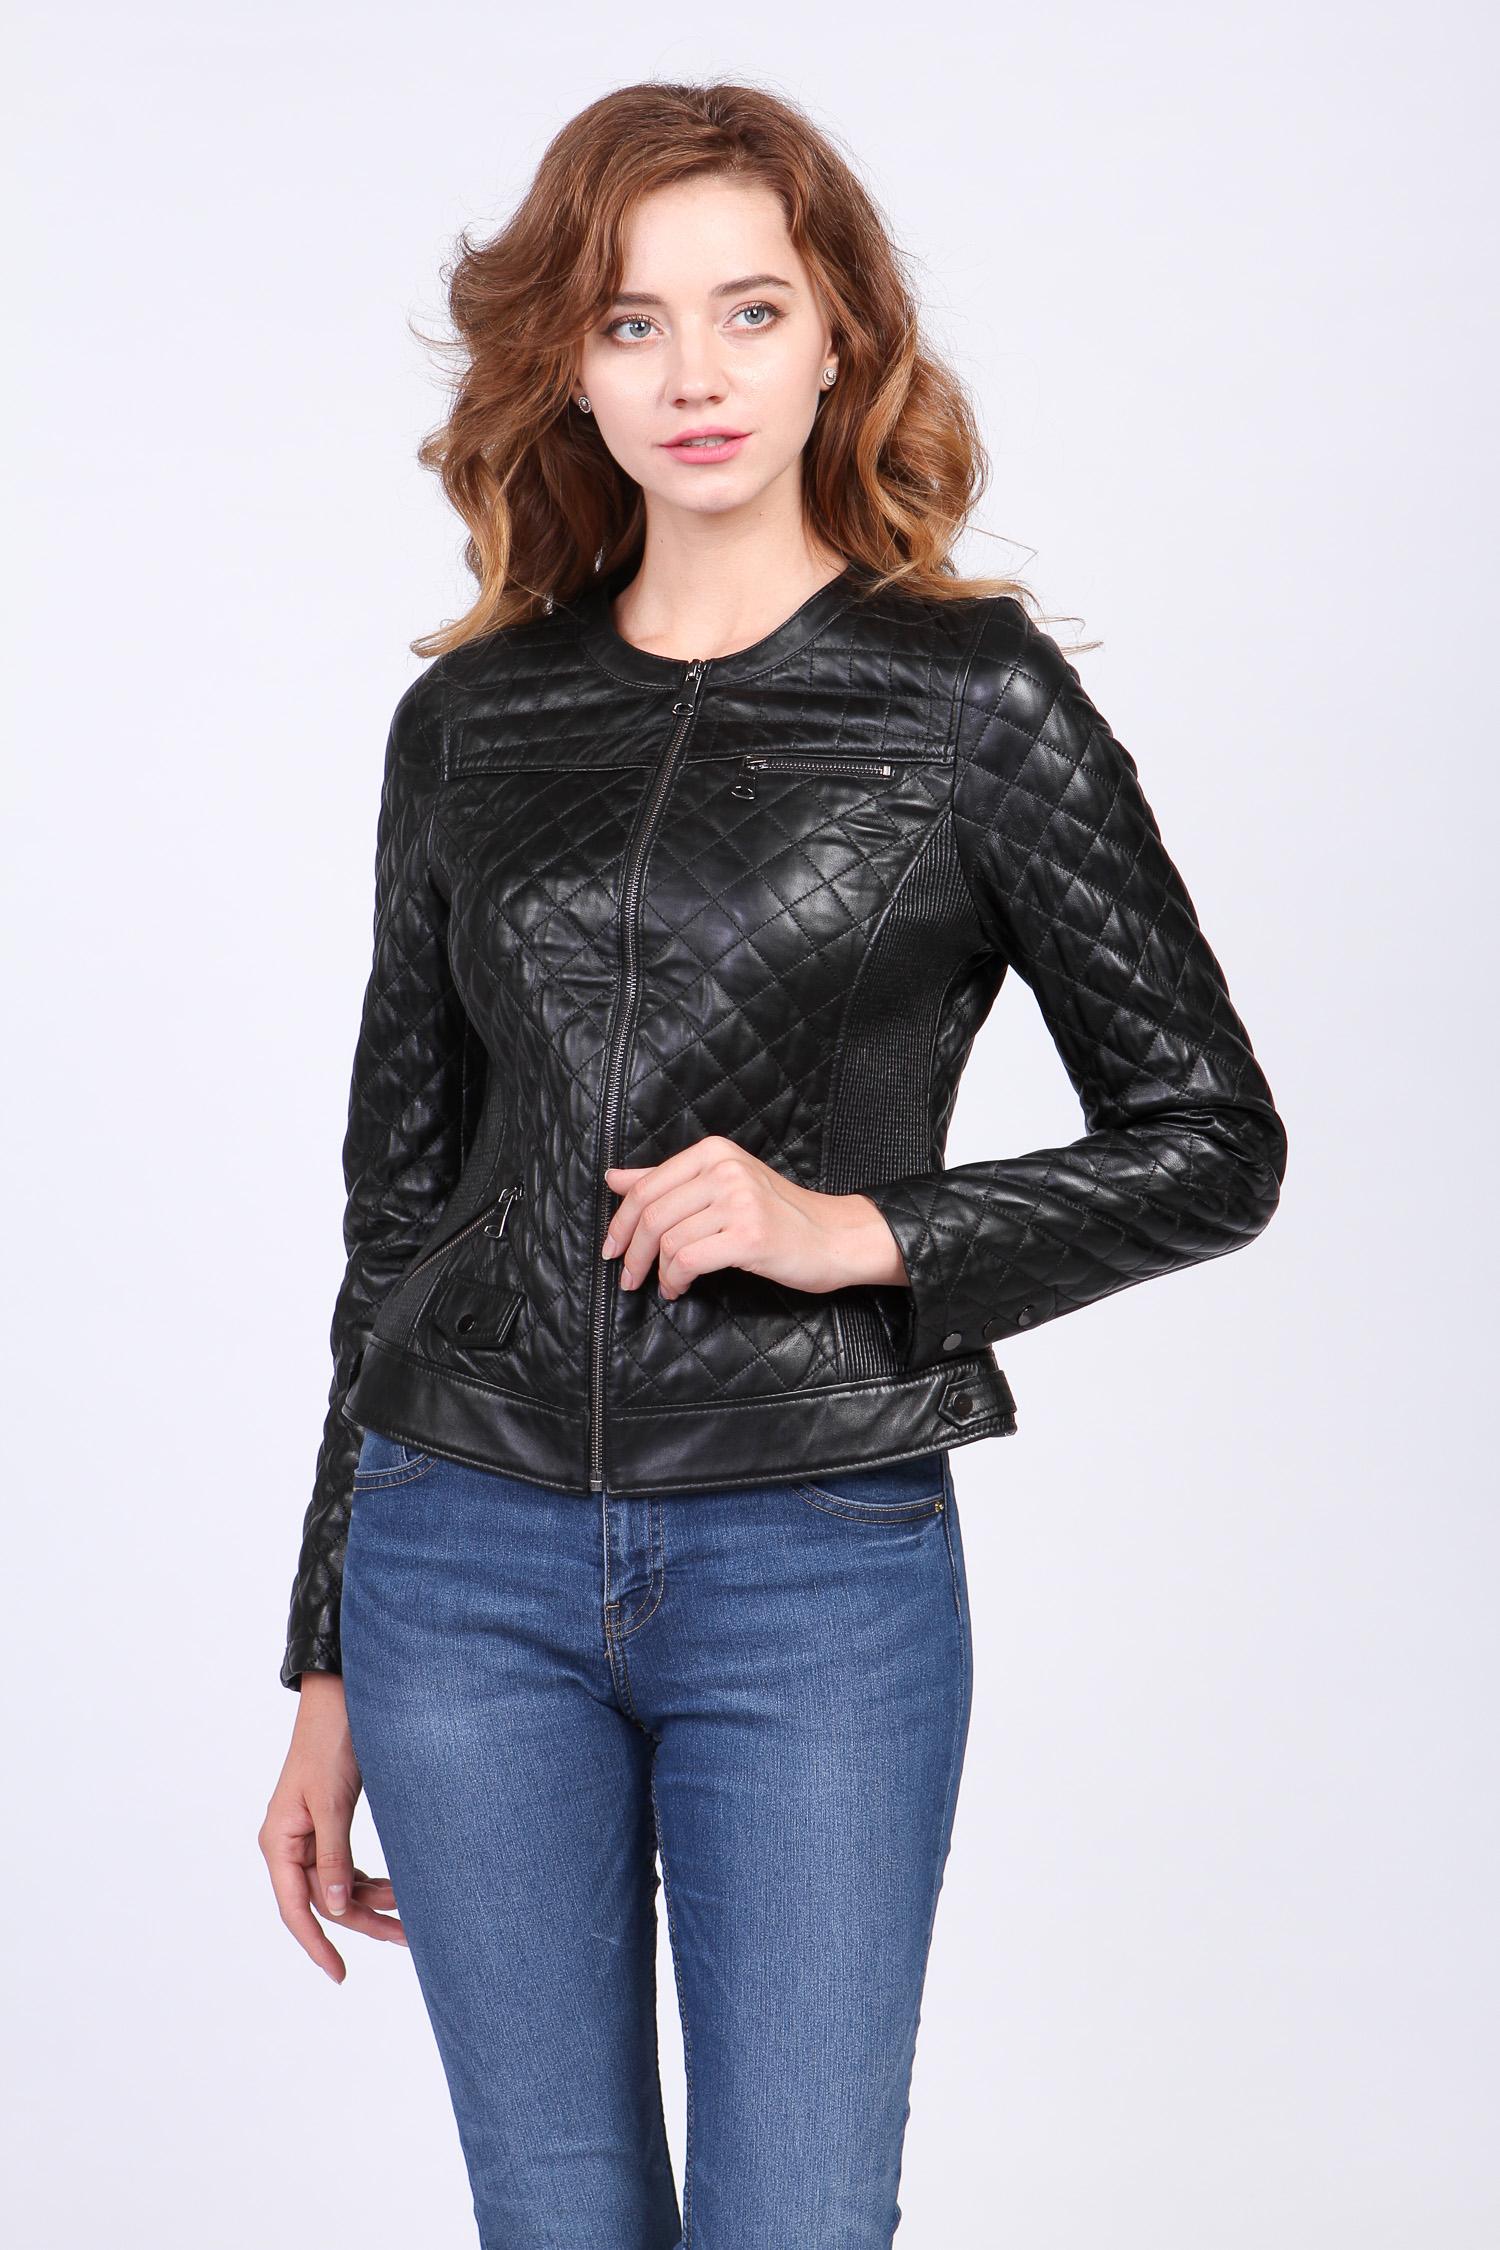 Женская кожаная куртка из натуральной кожи без воротника, без отделки Московская Меховая Компания